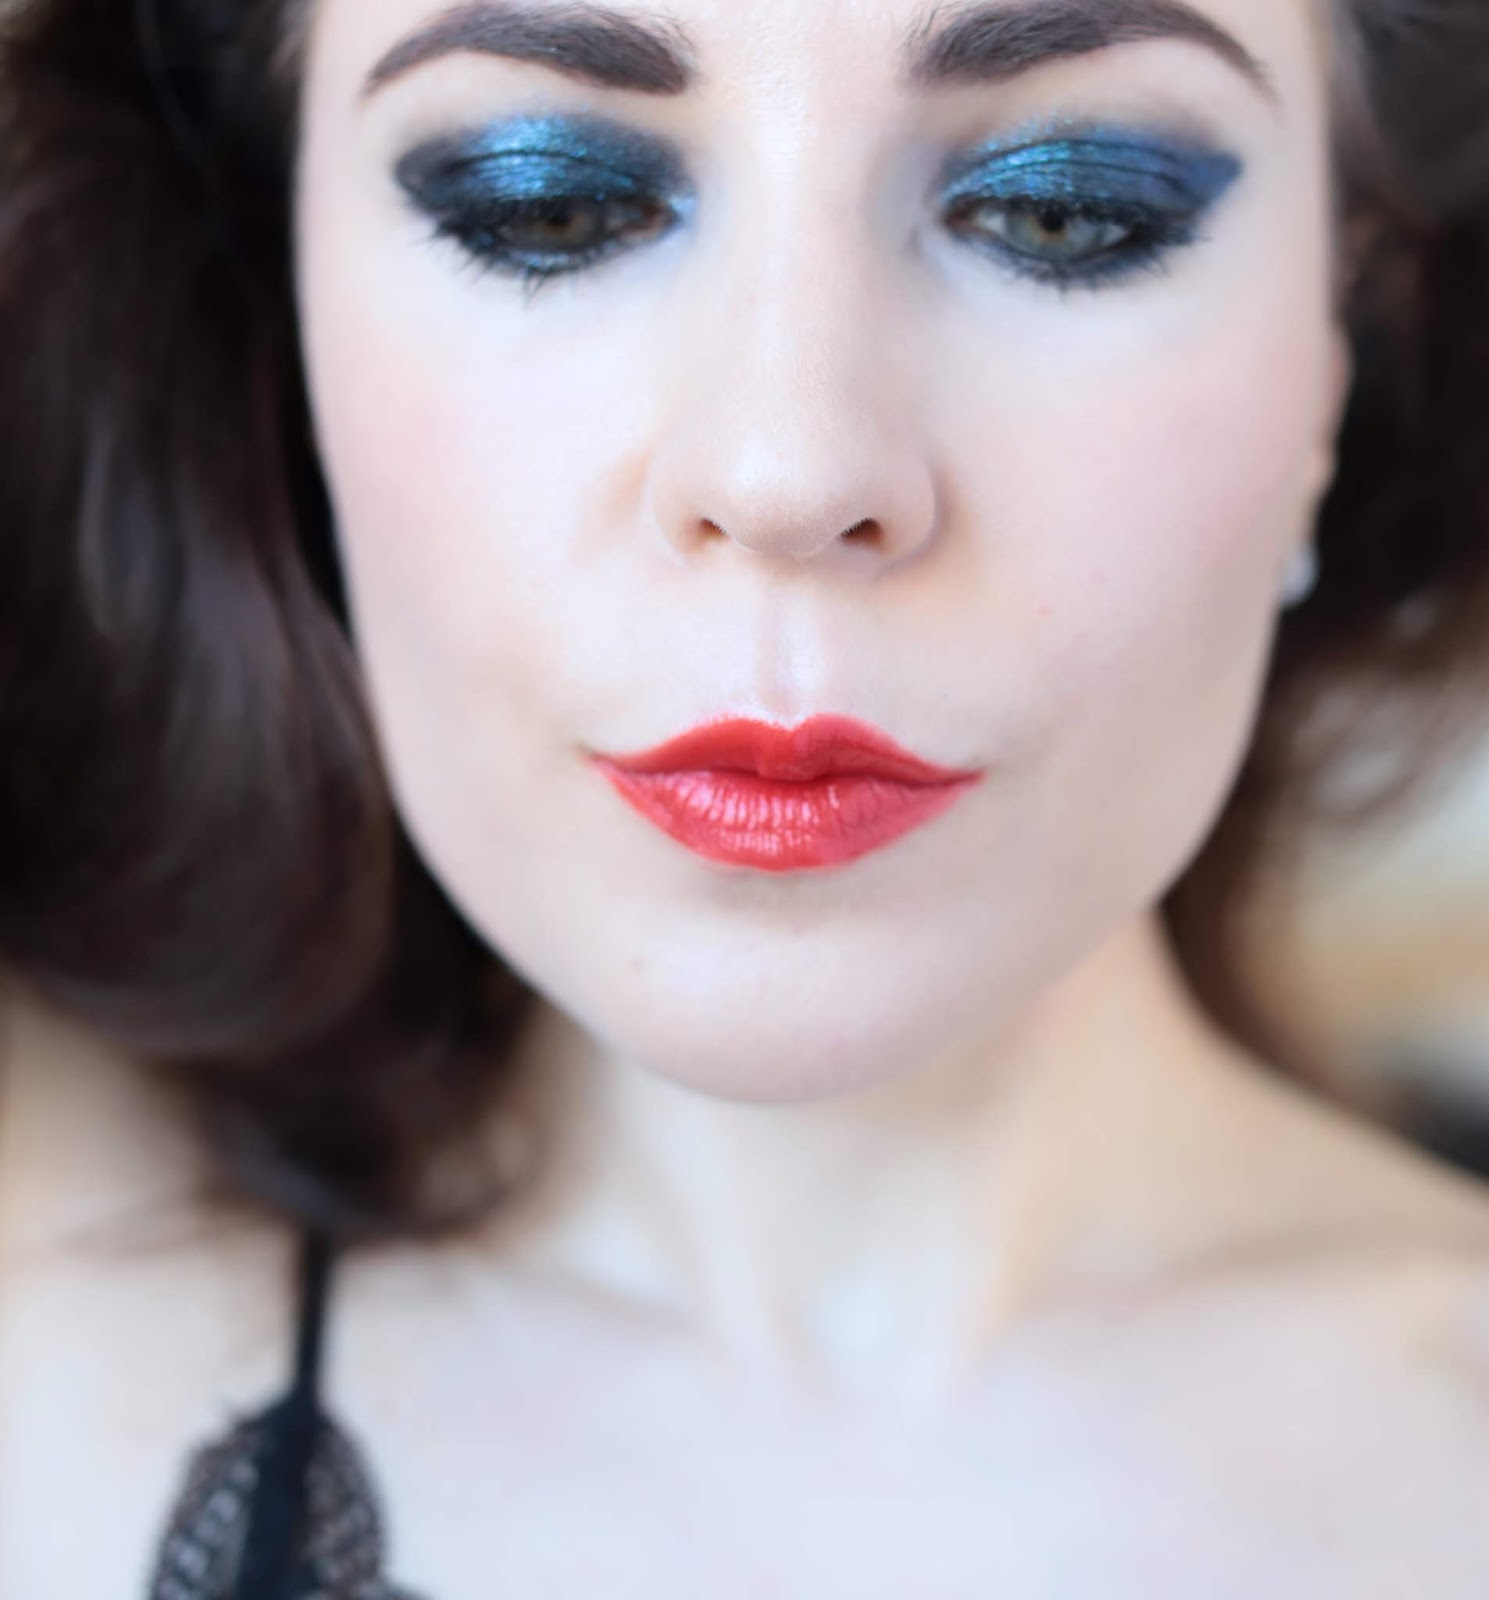 Lancôme Mert Marcus Maquillage revue